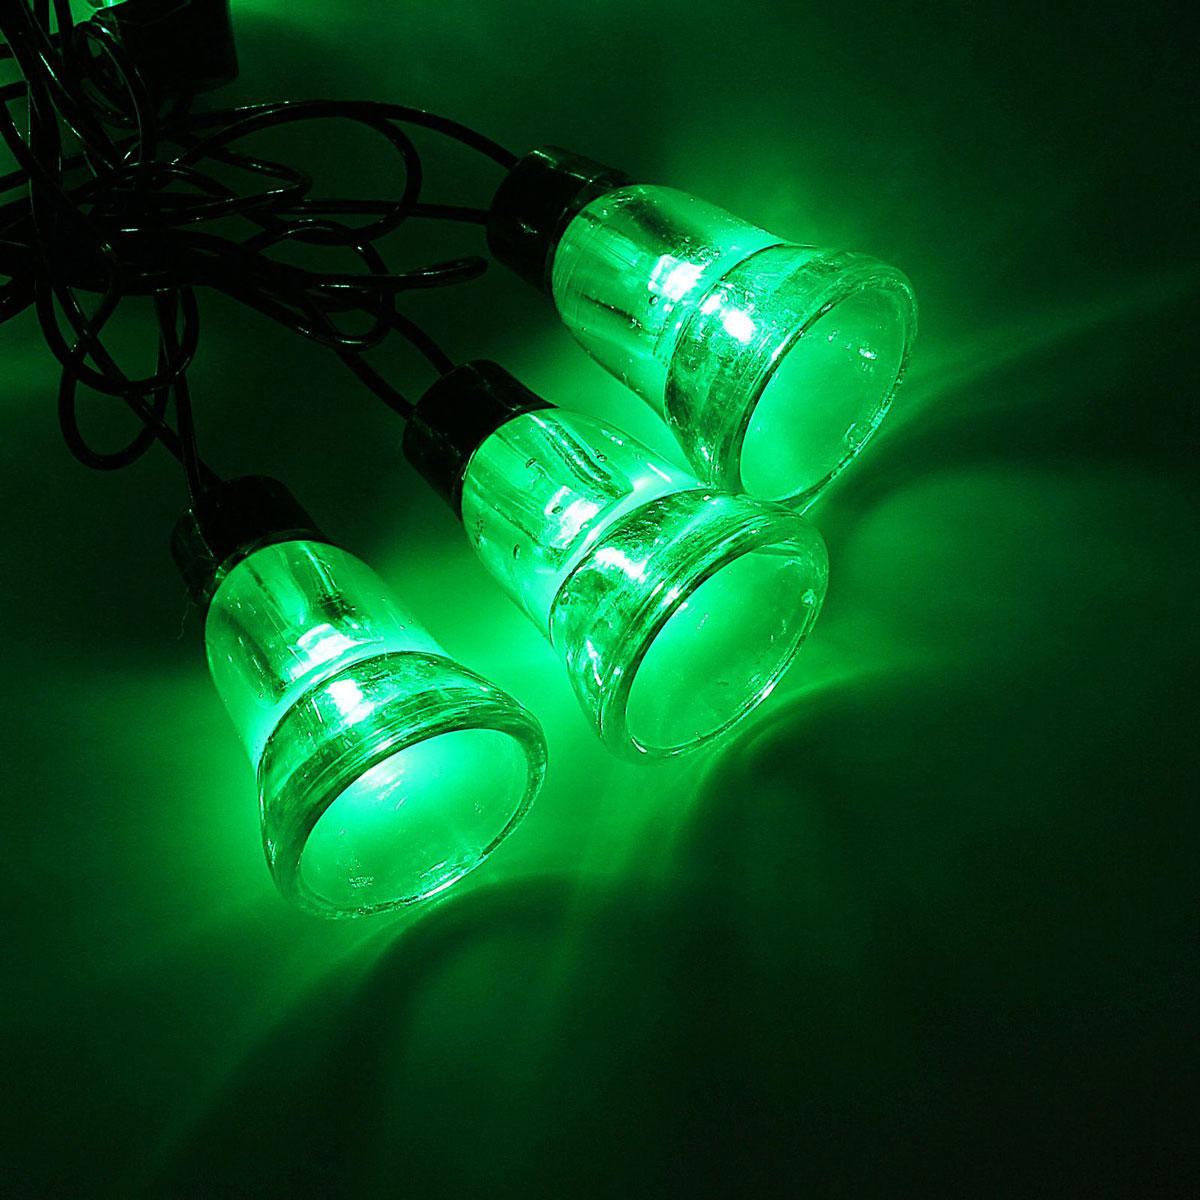 Гирлянда светодиодная Luazon Метраж. Колокол, уличная с насадкой, 8 режимов, 30 ламп, 220 V, 5 м, цвет: зеленый. 10801201080120Светодиодные гирлянды, ленты и т.д. — это отличный вариант для новогоднего оформления интерьера или фасада. С их помощью помещение любого размера можно превратить в праздничный зал, а внешние элементы зданий, украшенные ими, мгновенно станут напоминать очертания сказочного дворца. Такие украшения создают ауру предвкушения чуда. Деревья, фасады, витрины, окна и арки будто специально созданы, чтобы вы украсили их светящимися нитями.